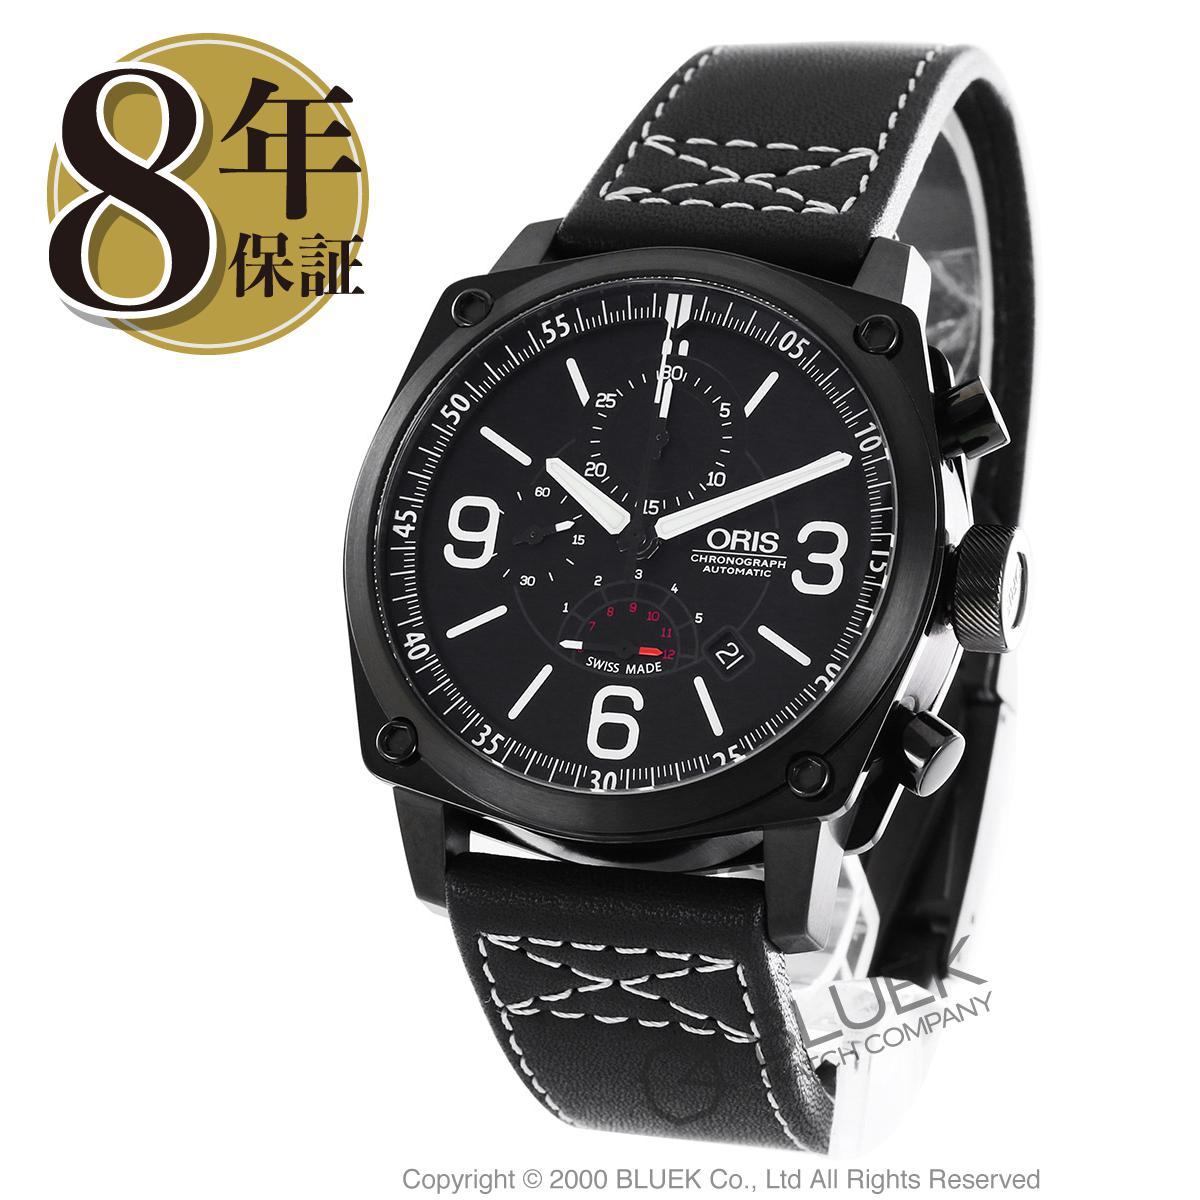 【6,000円OFFクーポン対象】オリス BC4 クロノグラフ 腕時計 メンズ ORIS 674-7633-4794D_8